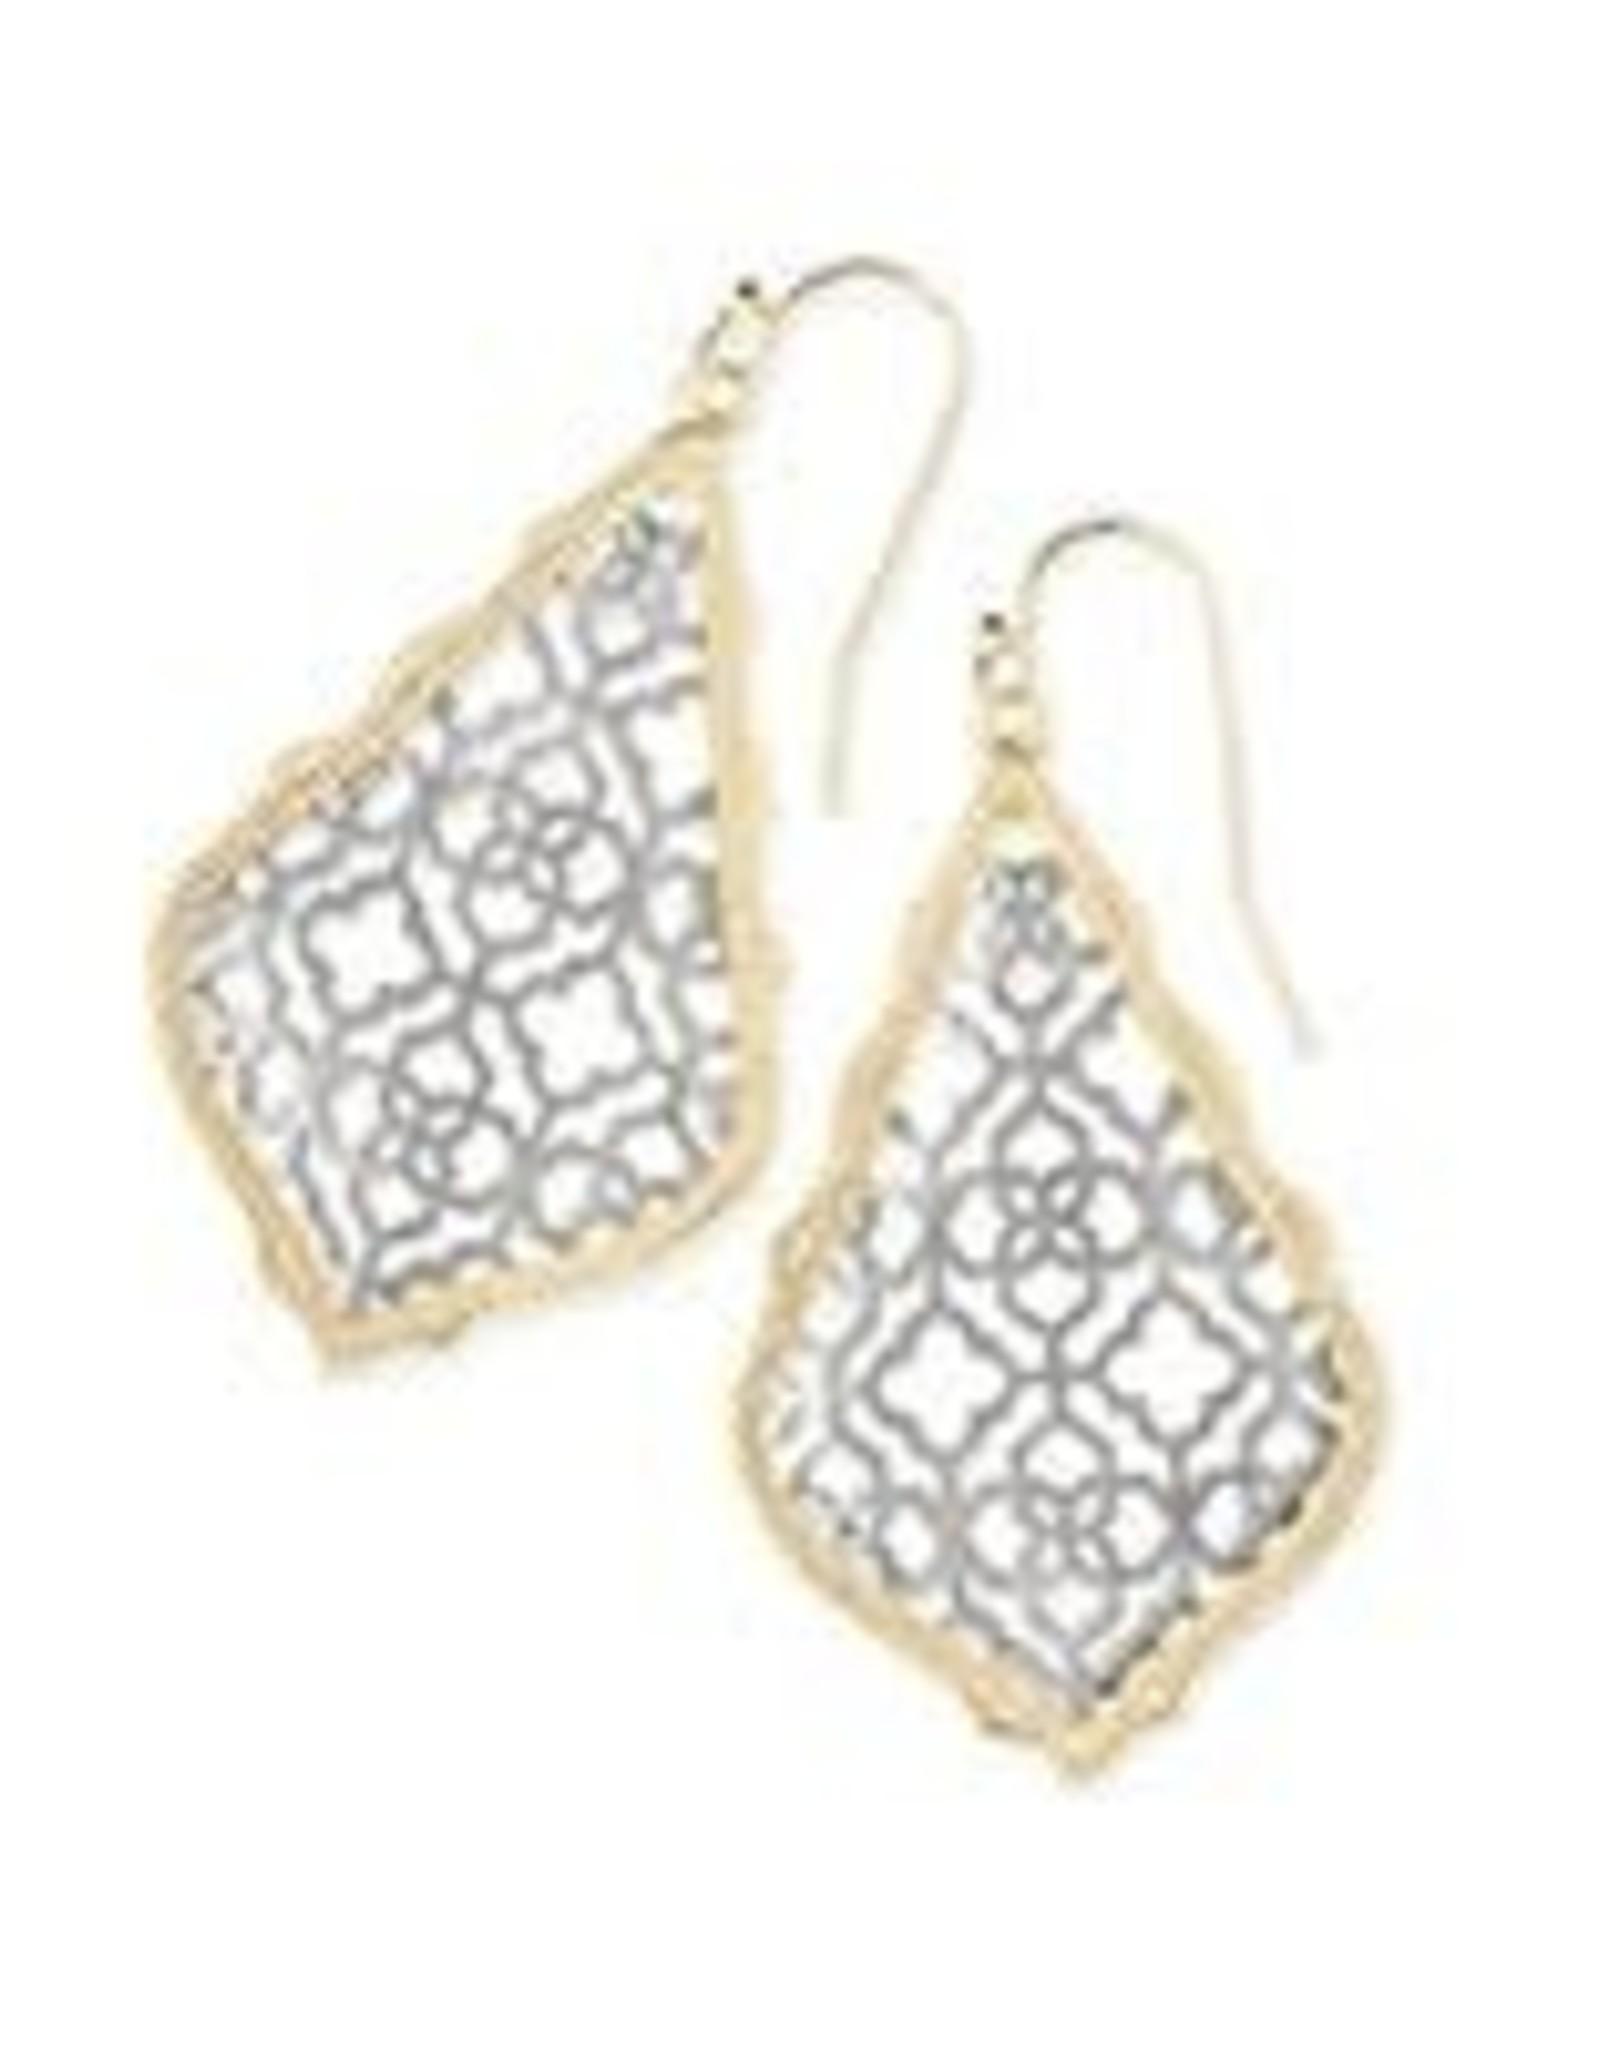 Kendra Scott KENDRA SCOTT Earrings Addie Gold